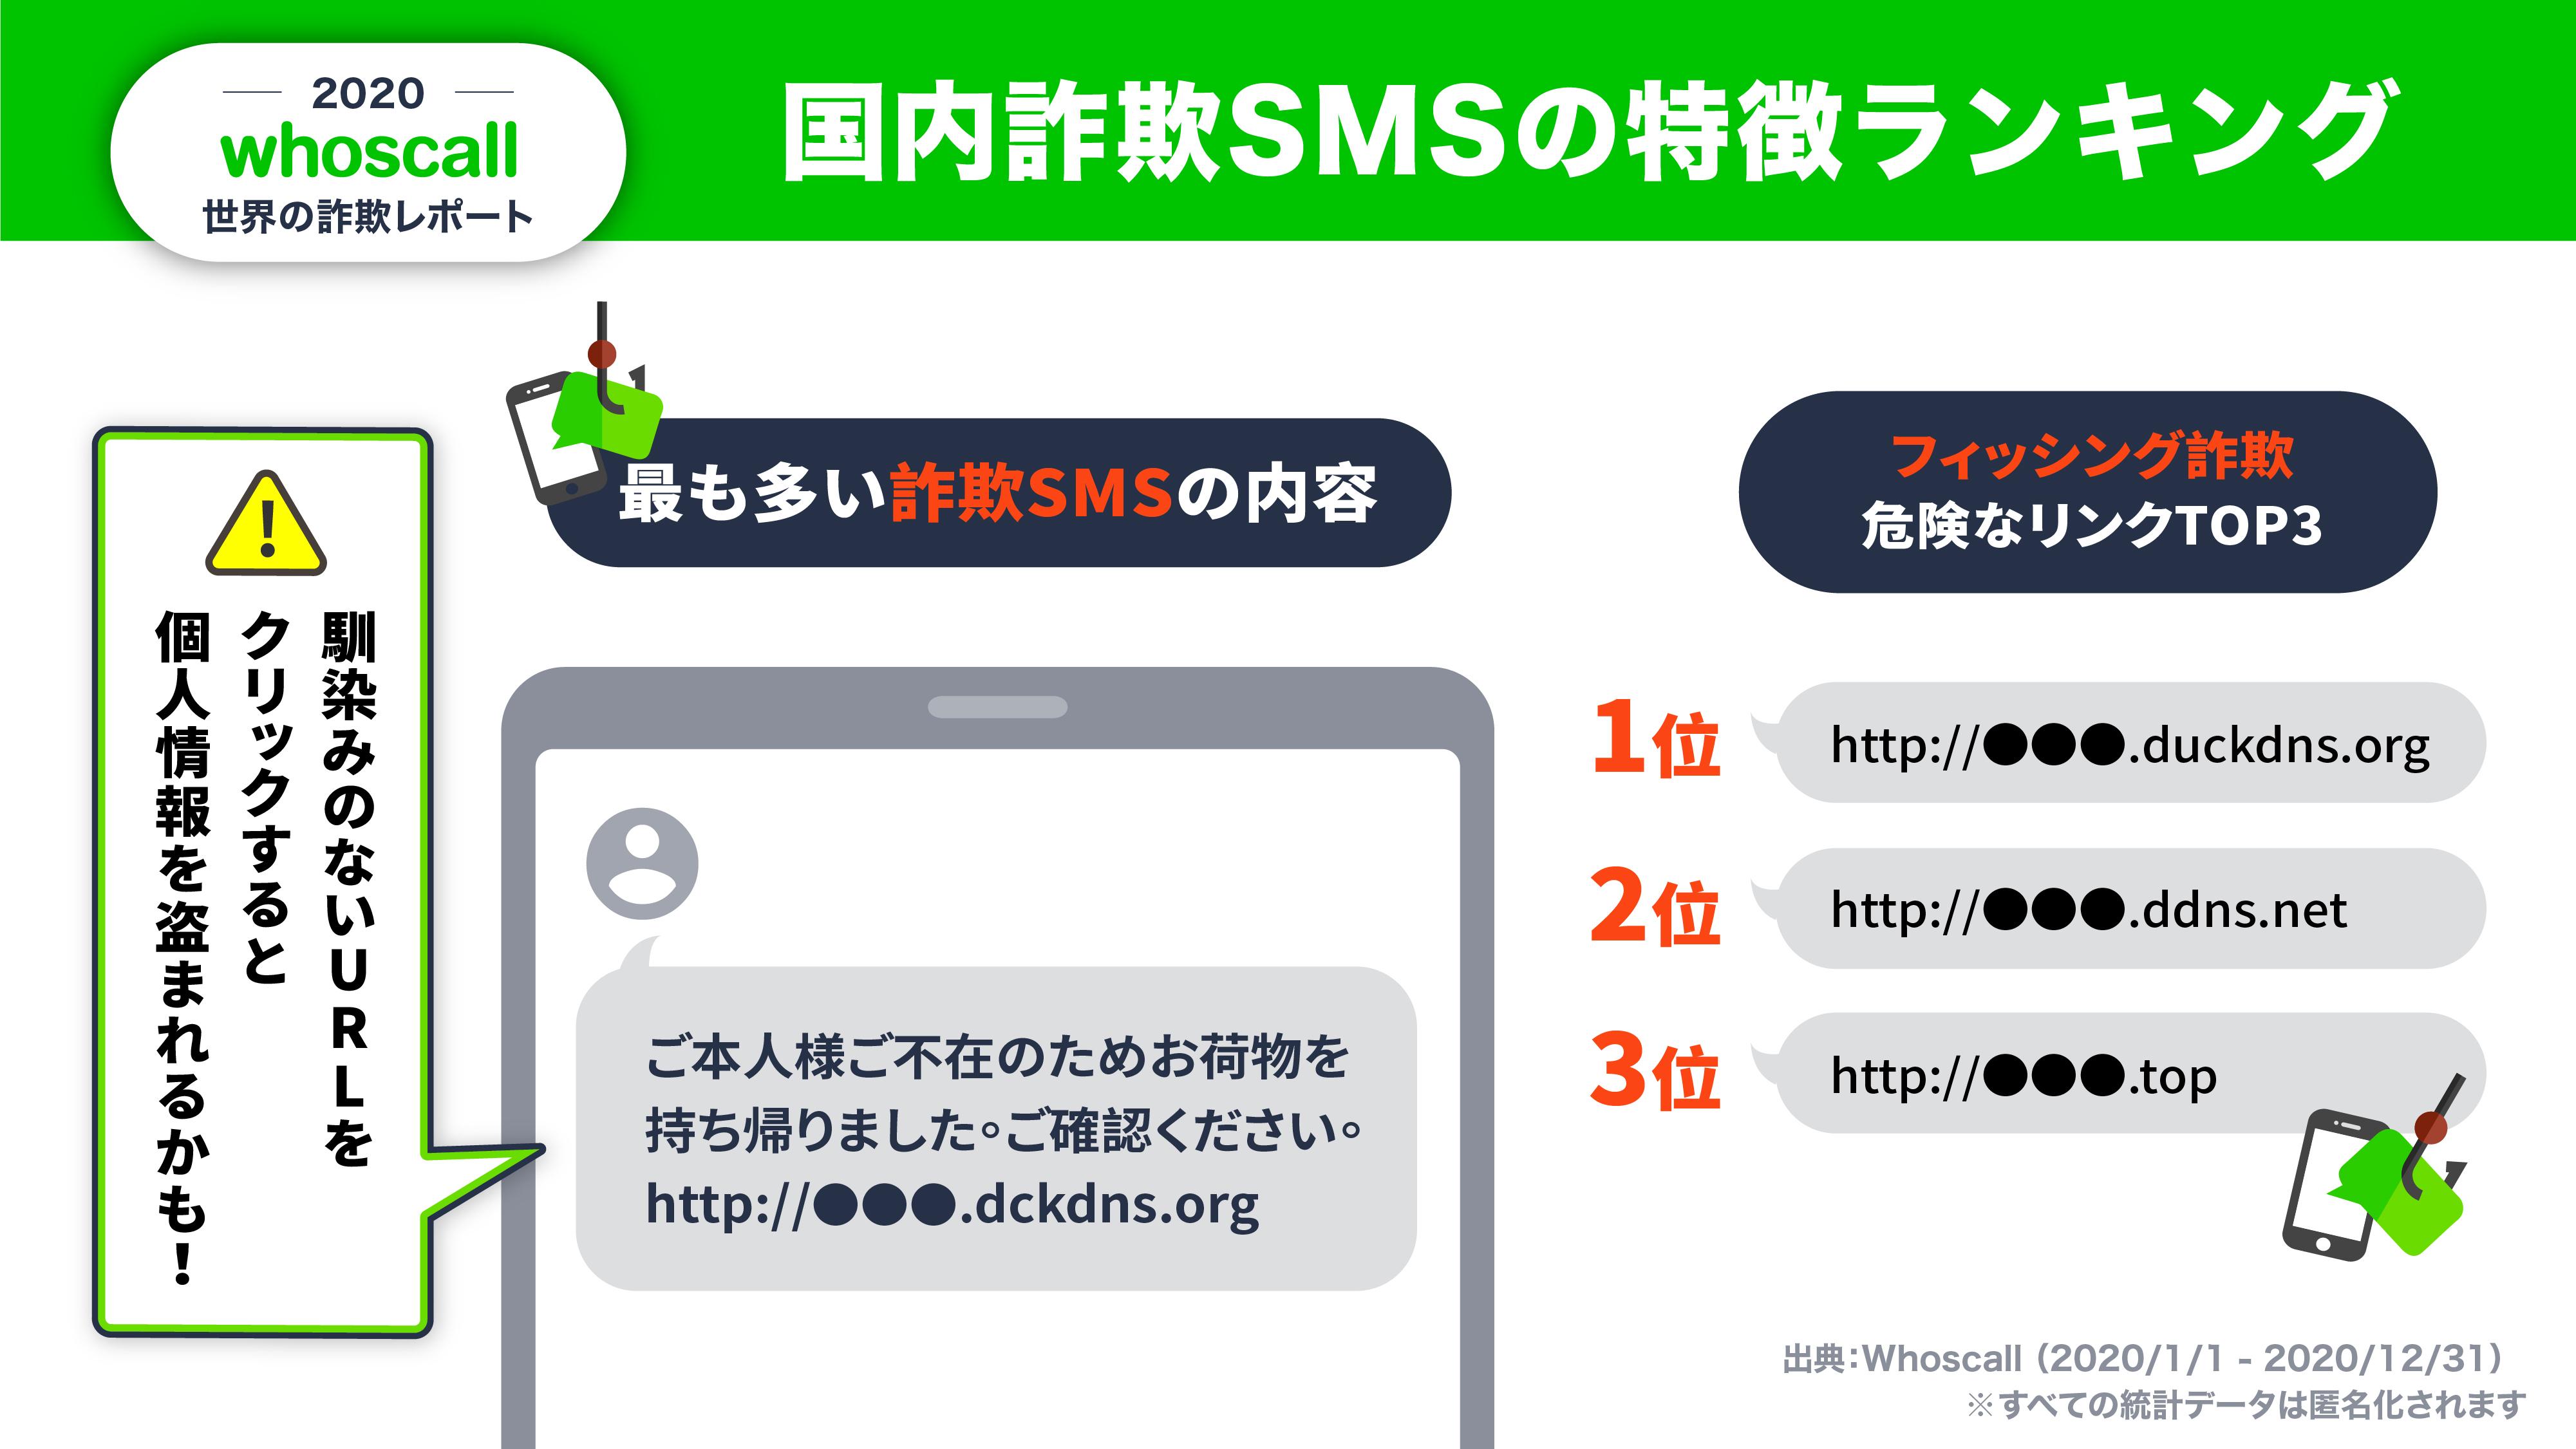 国内詐欺SMSの特徴ランキング